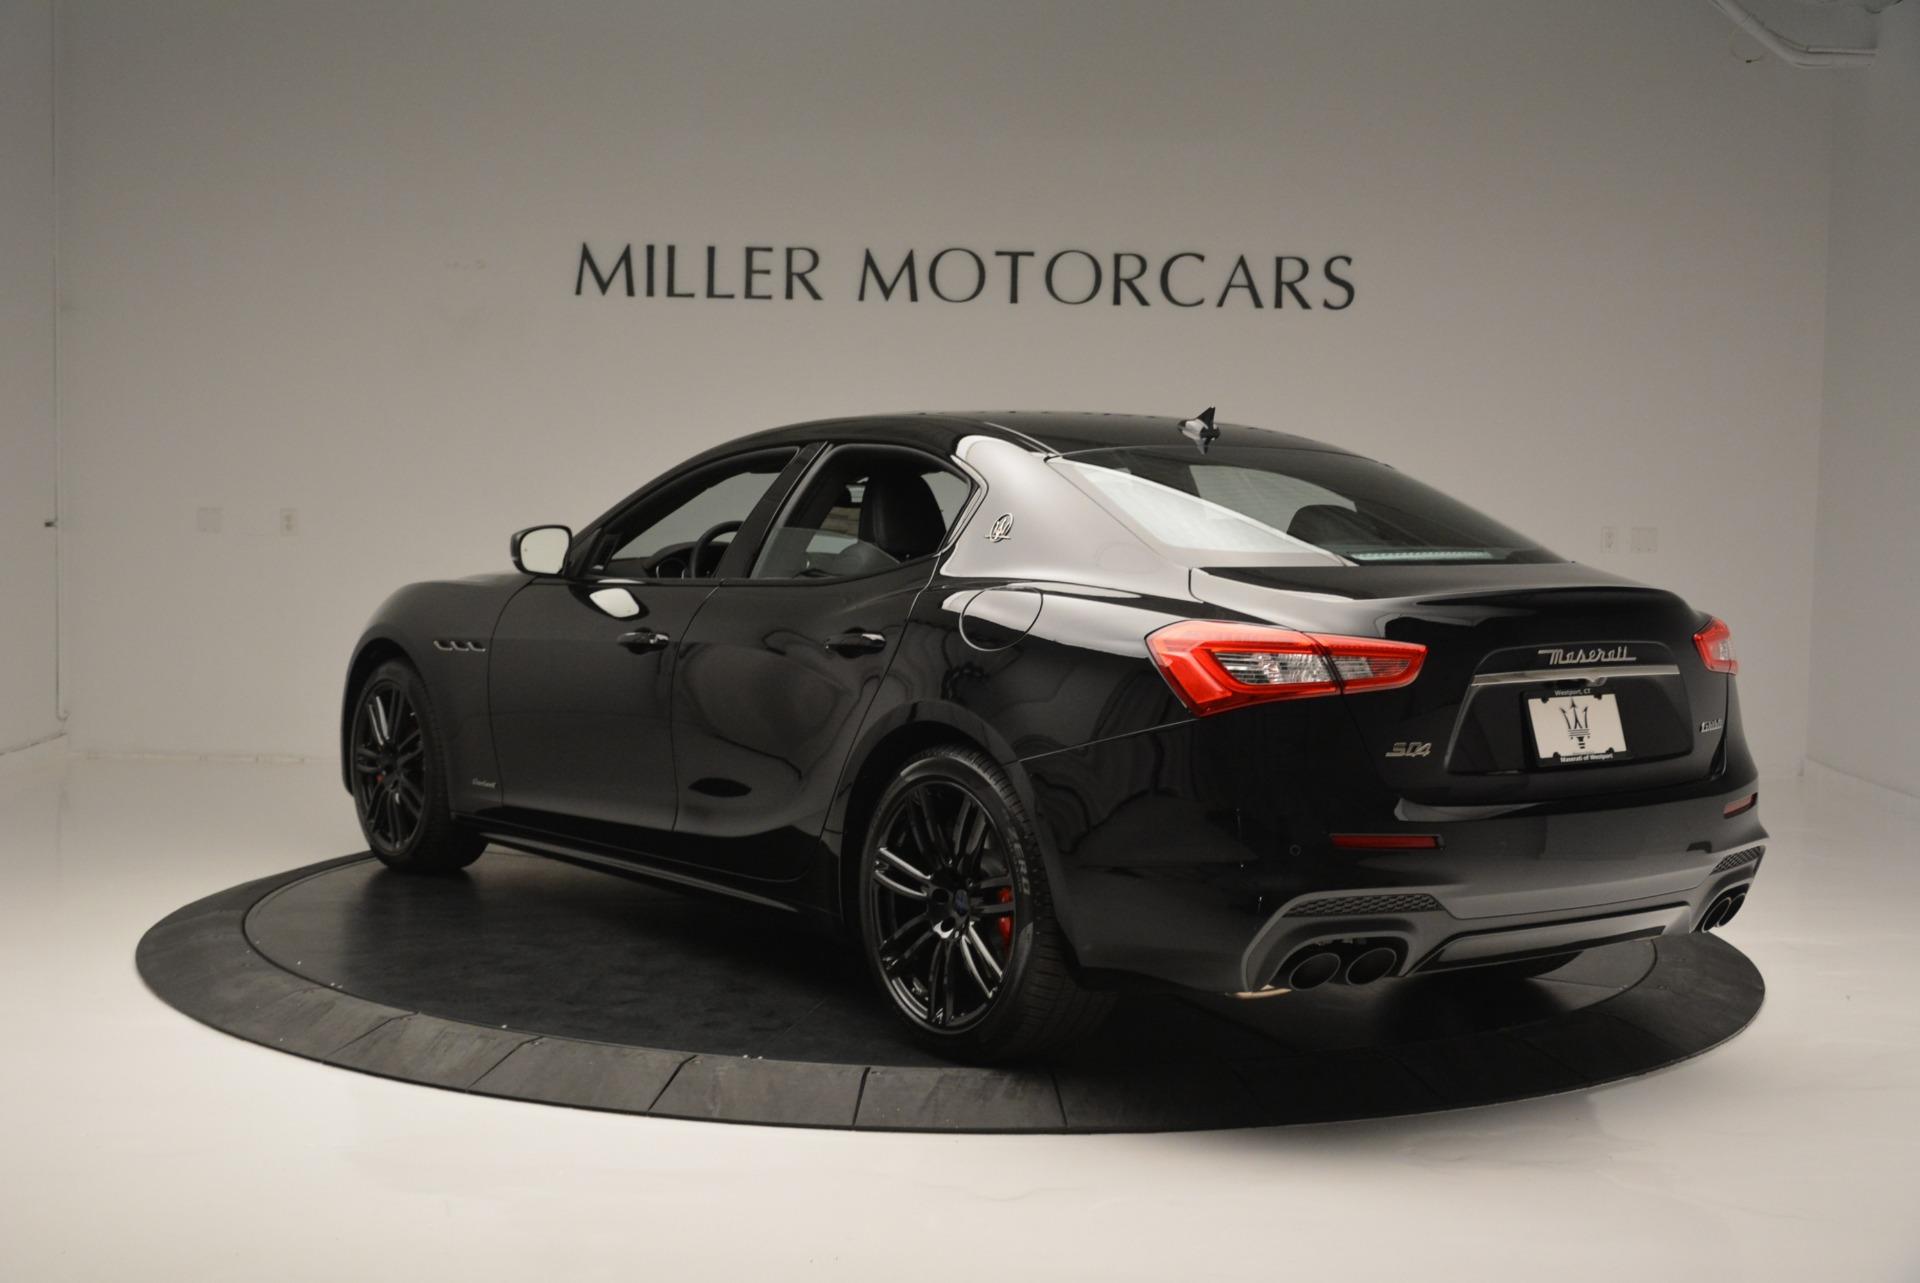 New 2018 Maserati Ghibli SQ4 GranSport Nerissimo For Sale In Greenwich, CT 2372_p5